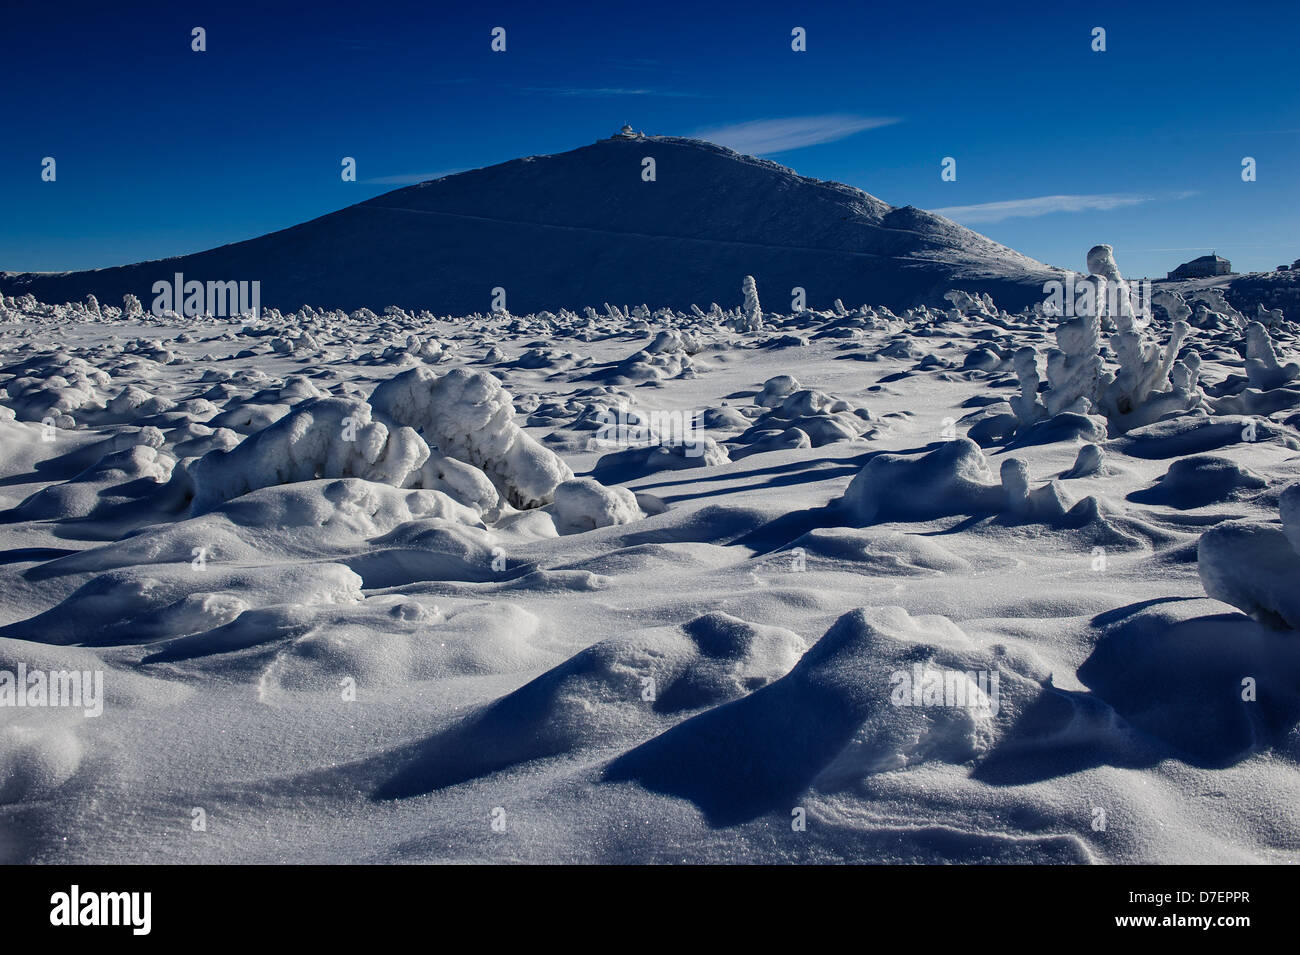 View of the Sniezka in the Karkonosze mountains, Poland. - Stock Image